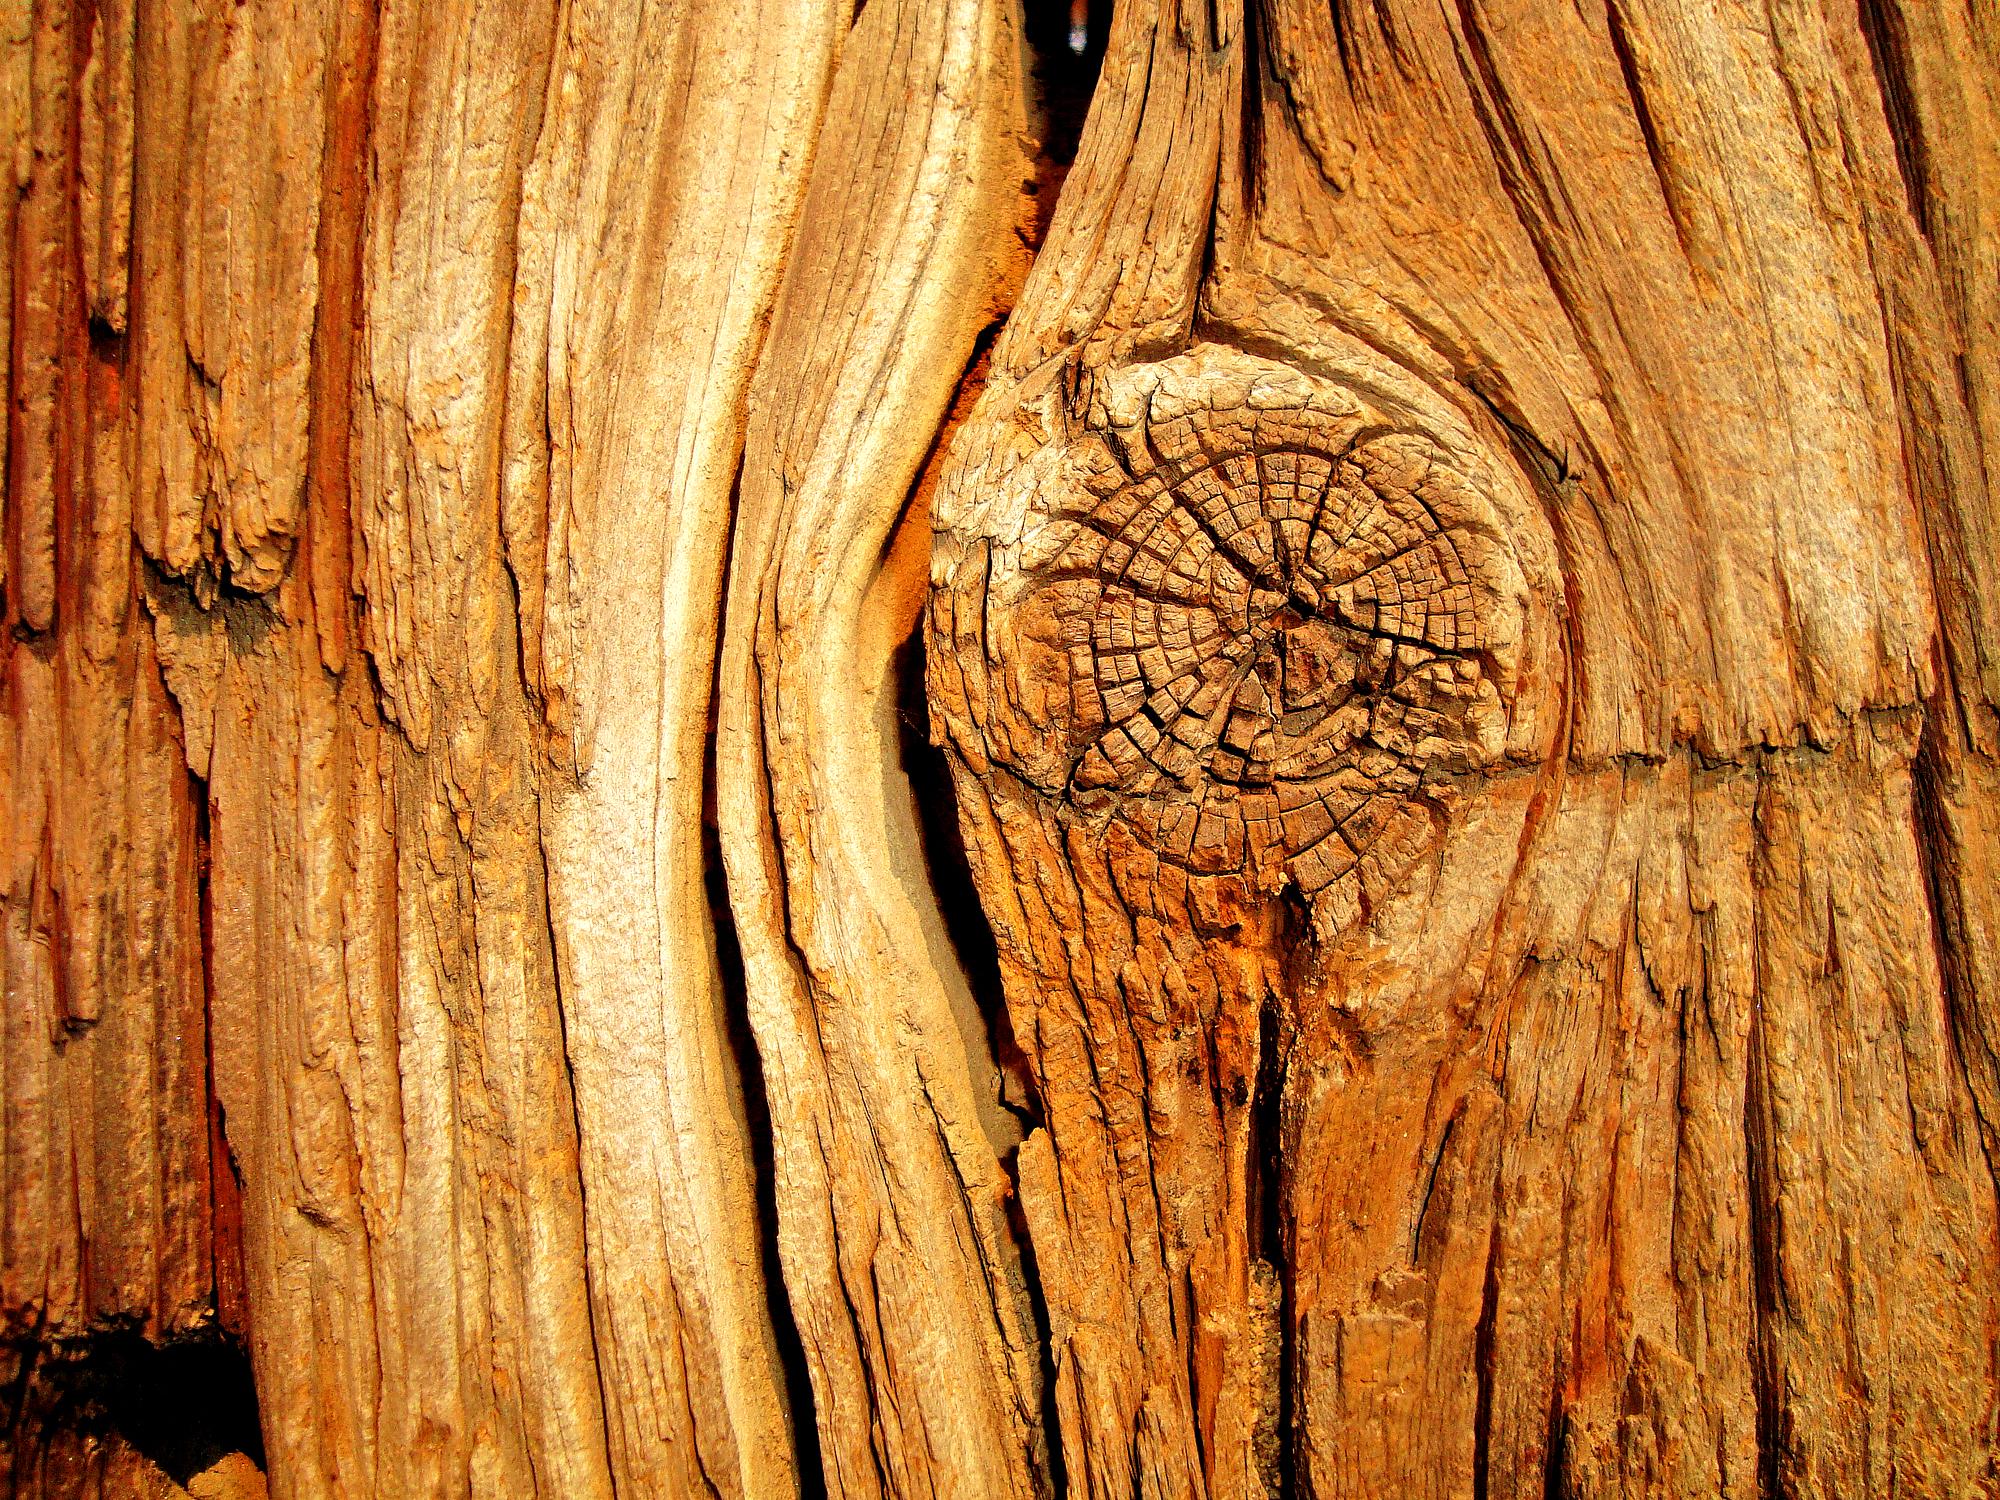 ako opraviť drevo